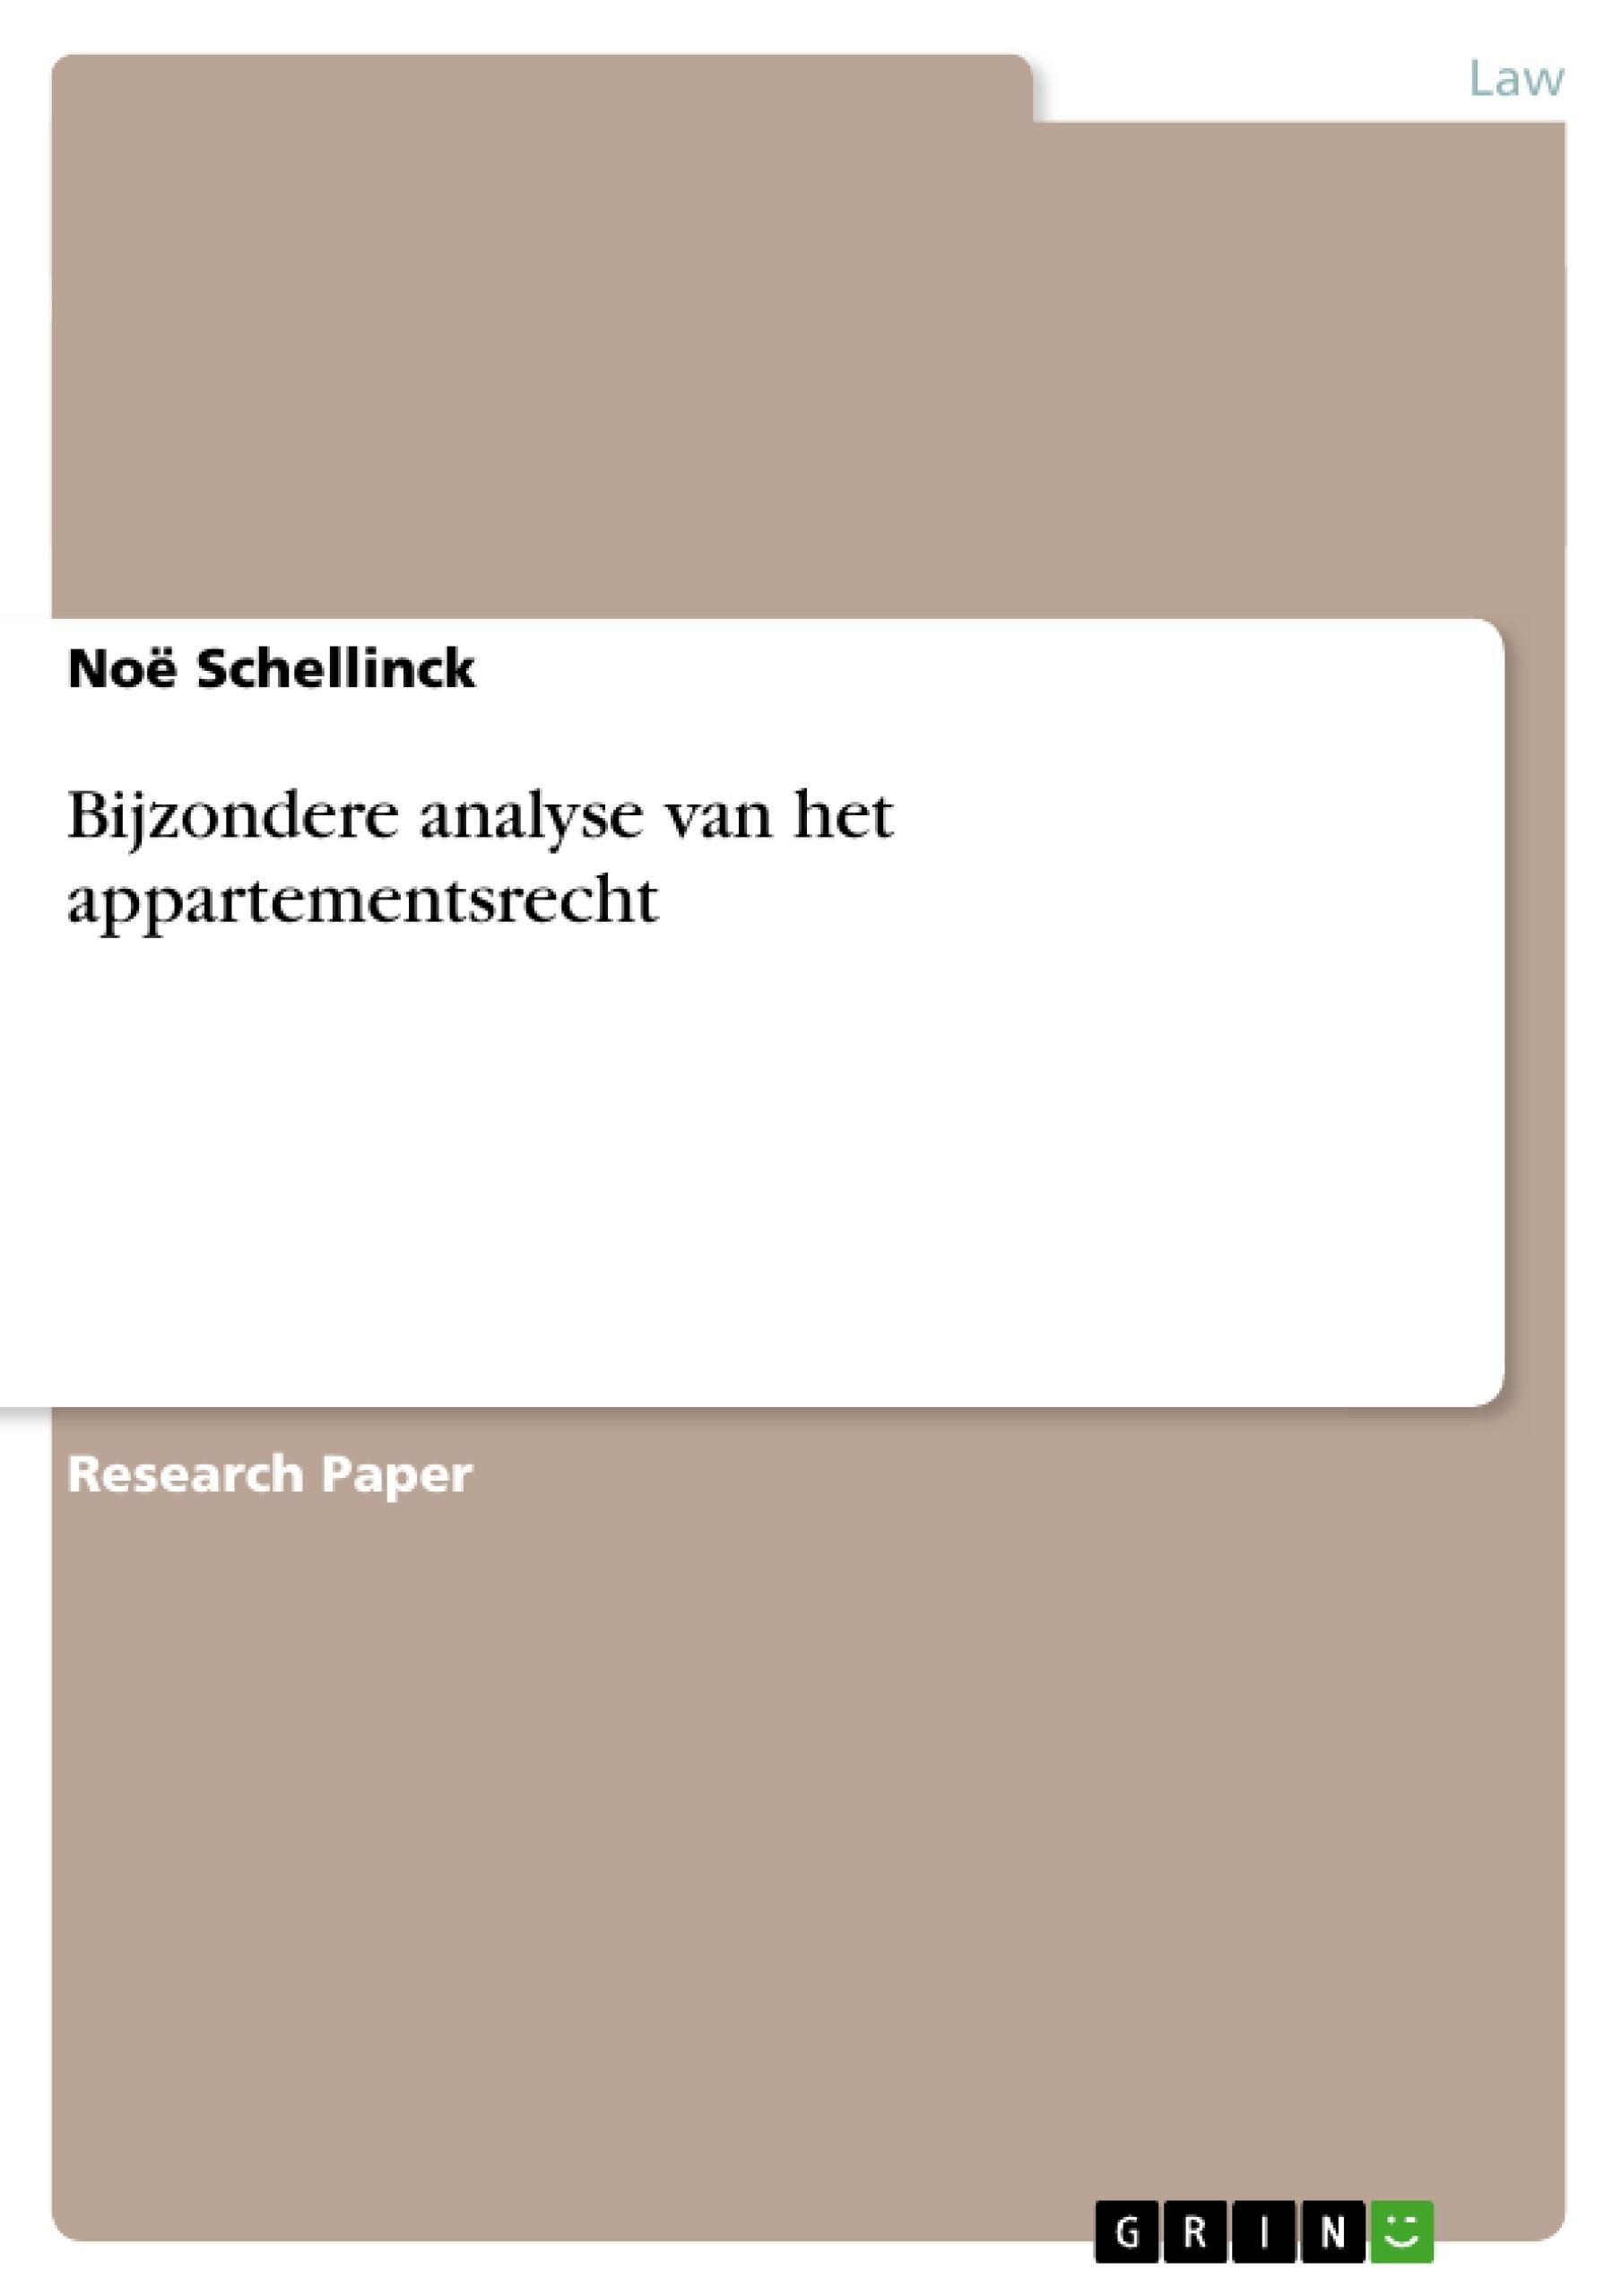 Title: Bijzondere analyse van het appartementsrecht